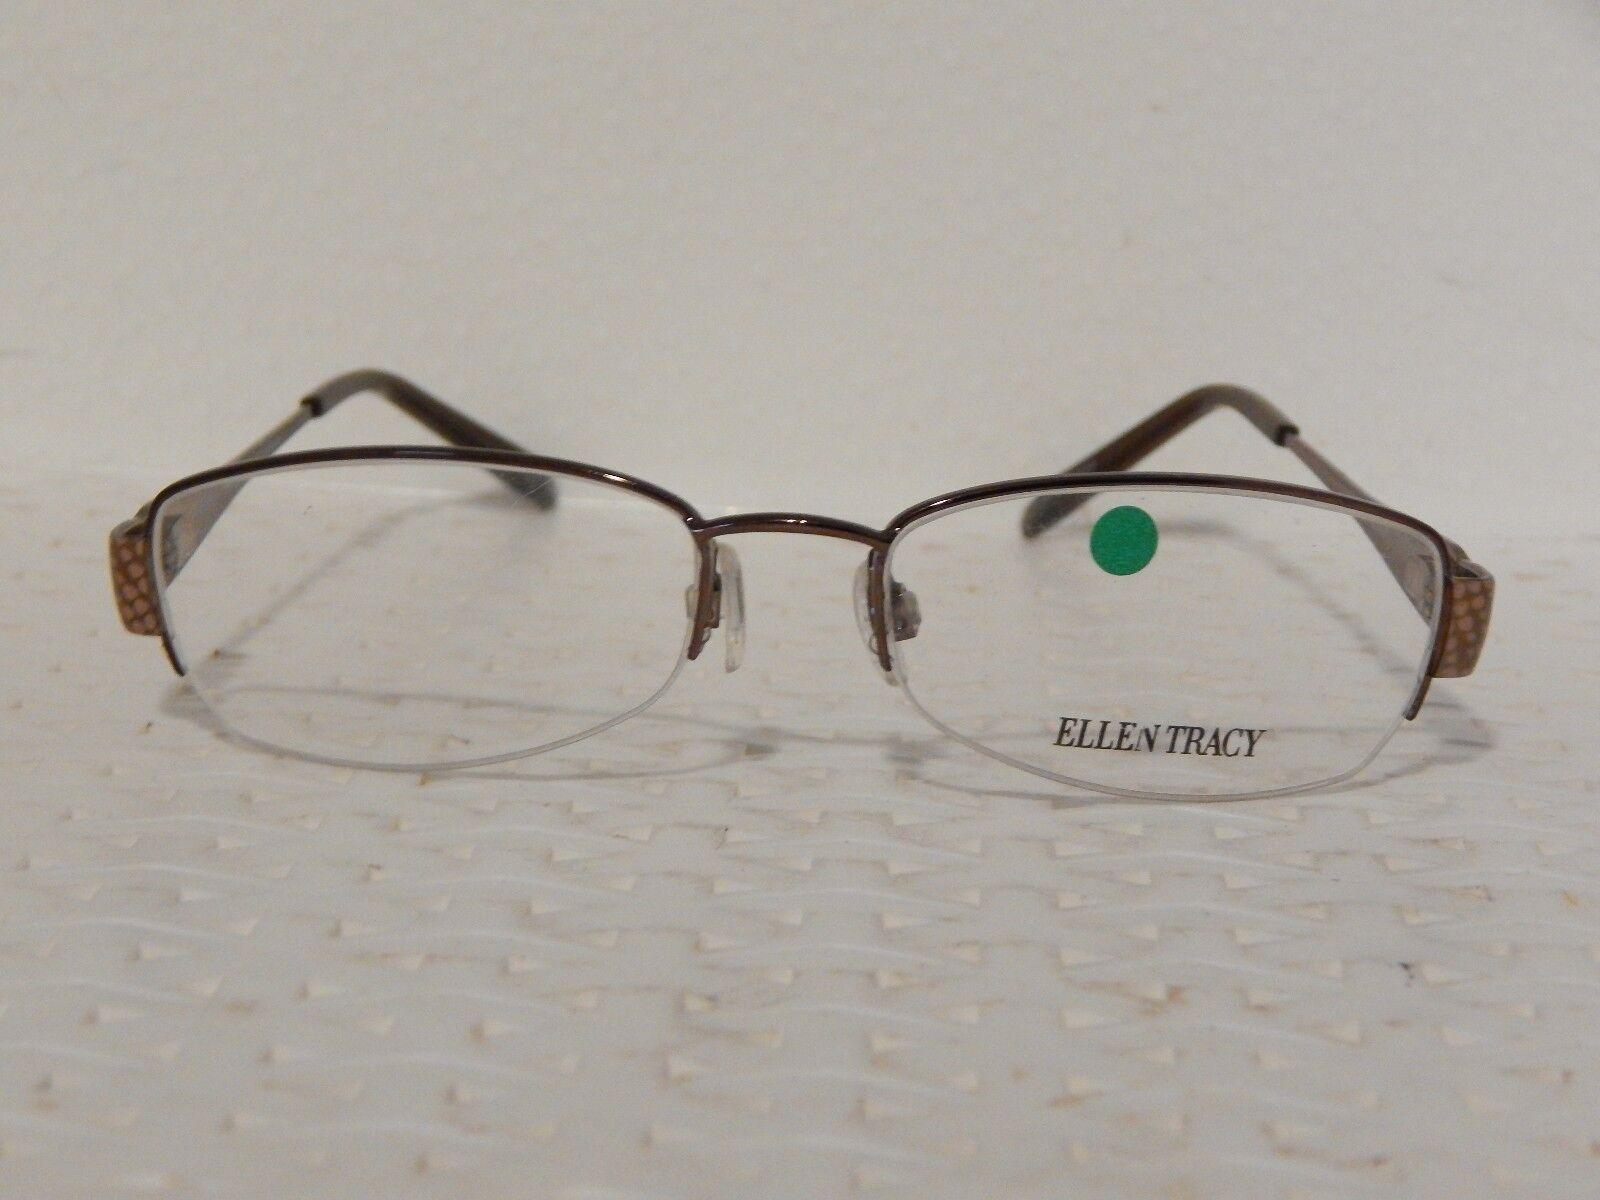 Ellen Tracy Barcelona - CE Womens Eyeglasses (202) | eBay